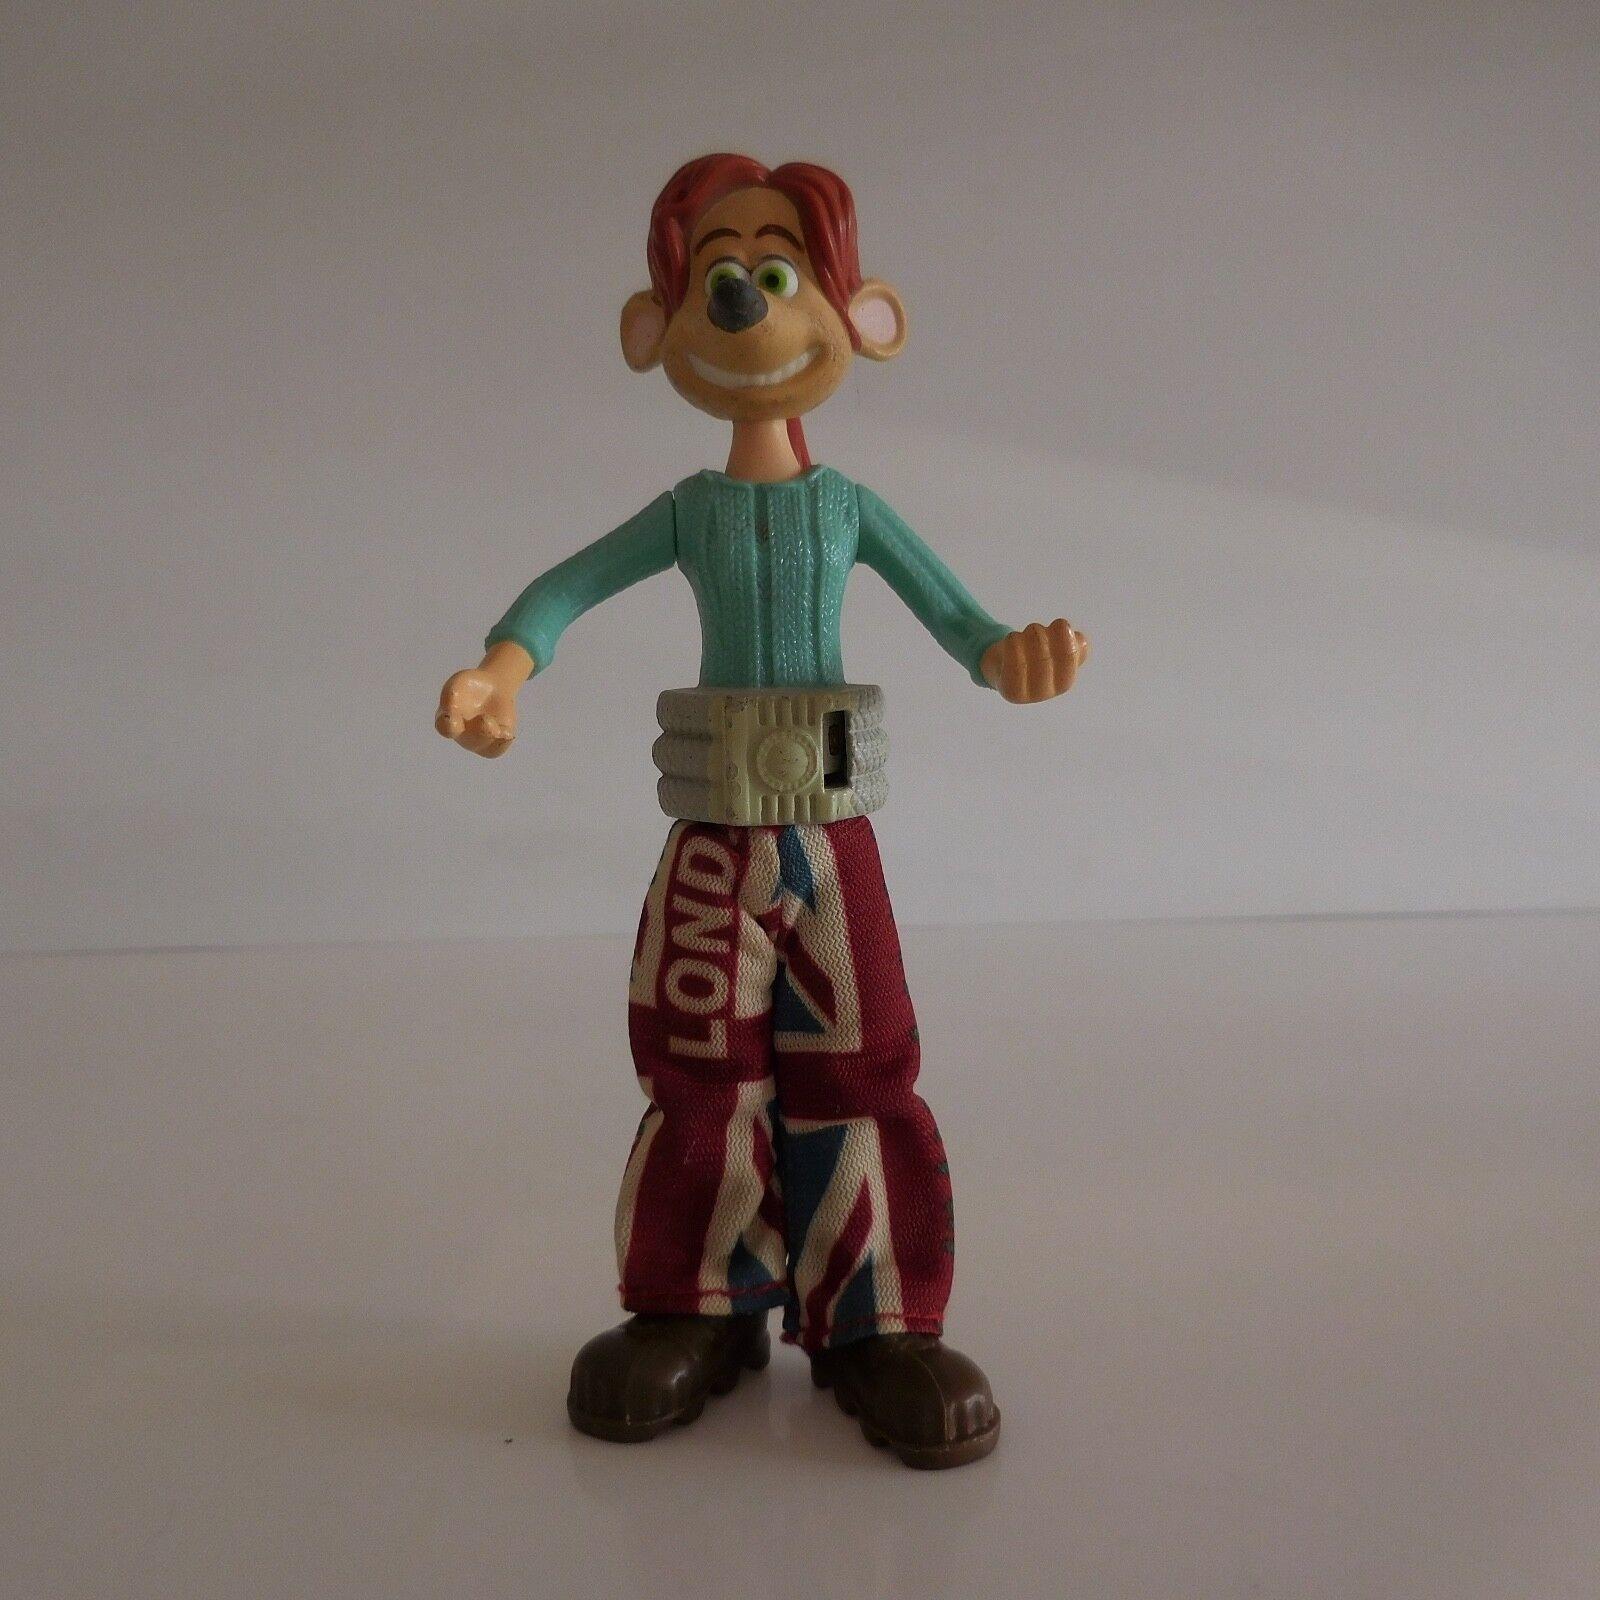 Figurine personnage jouets vintage collection art déco design estampe PN France